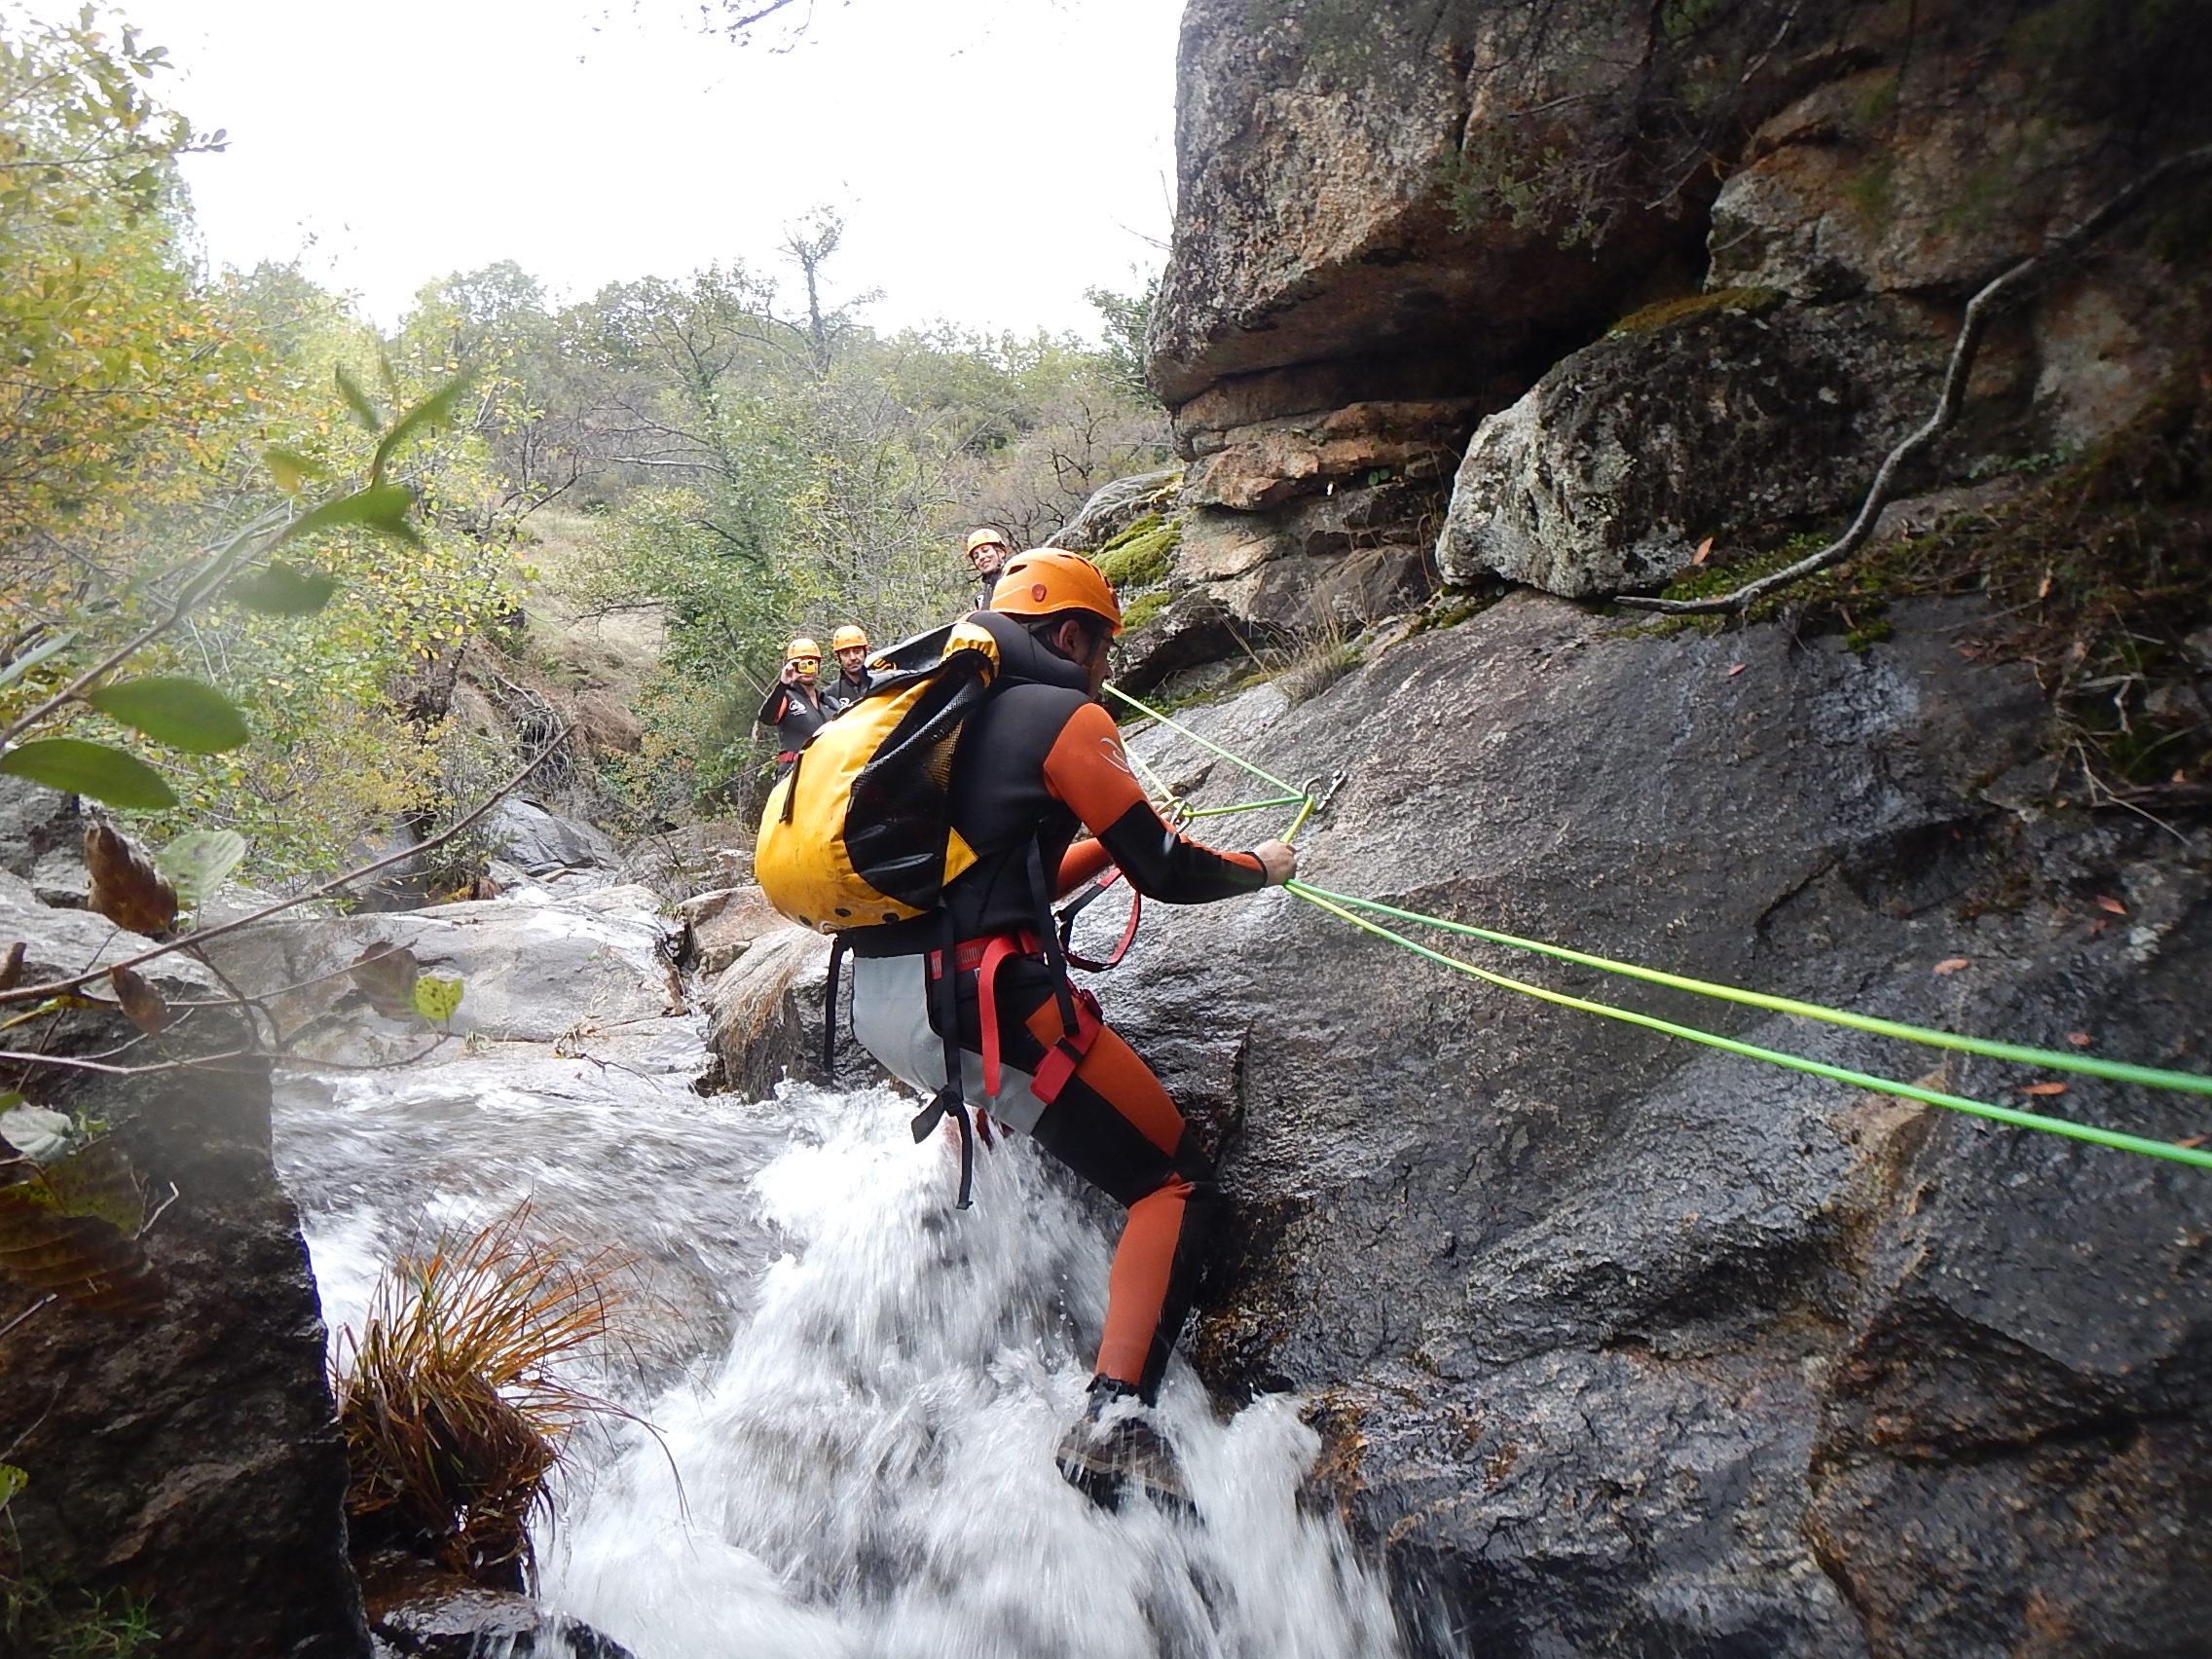 tavola news verano actividades montaña deporte